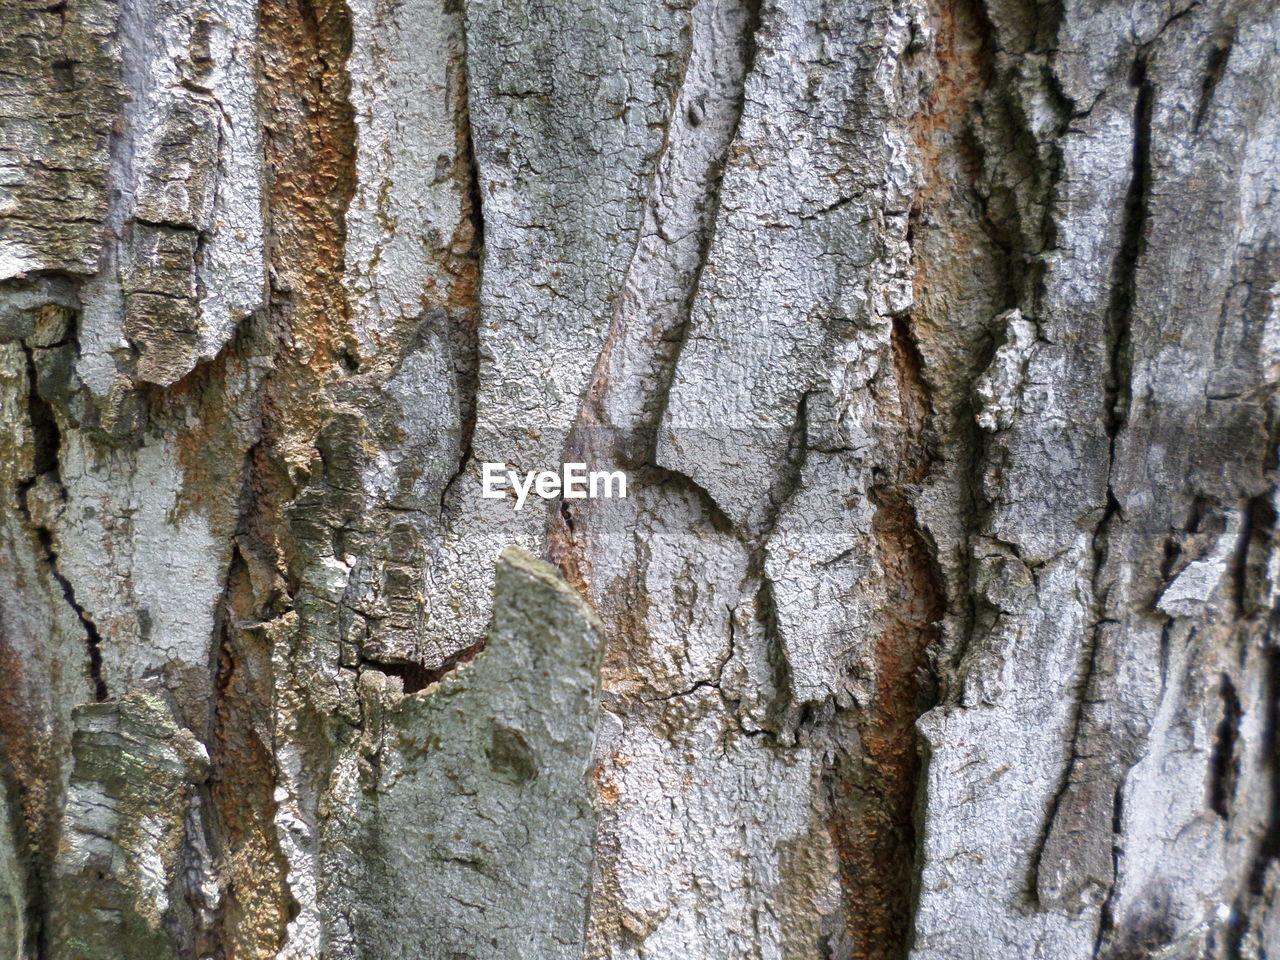 FULL FRAME SHOT OF TREE TRUNK WITH BARK